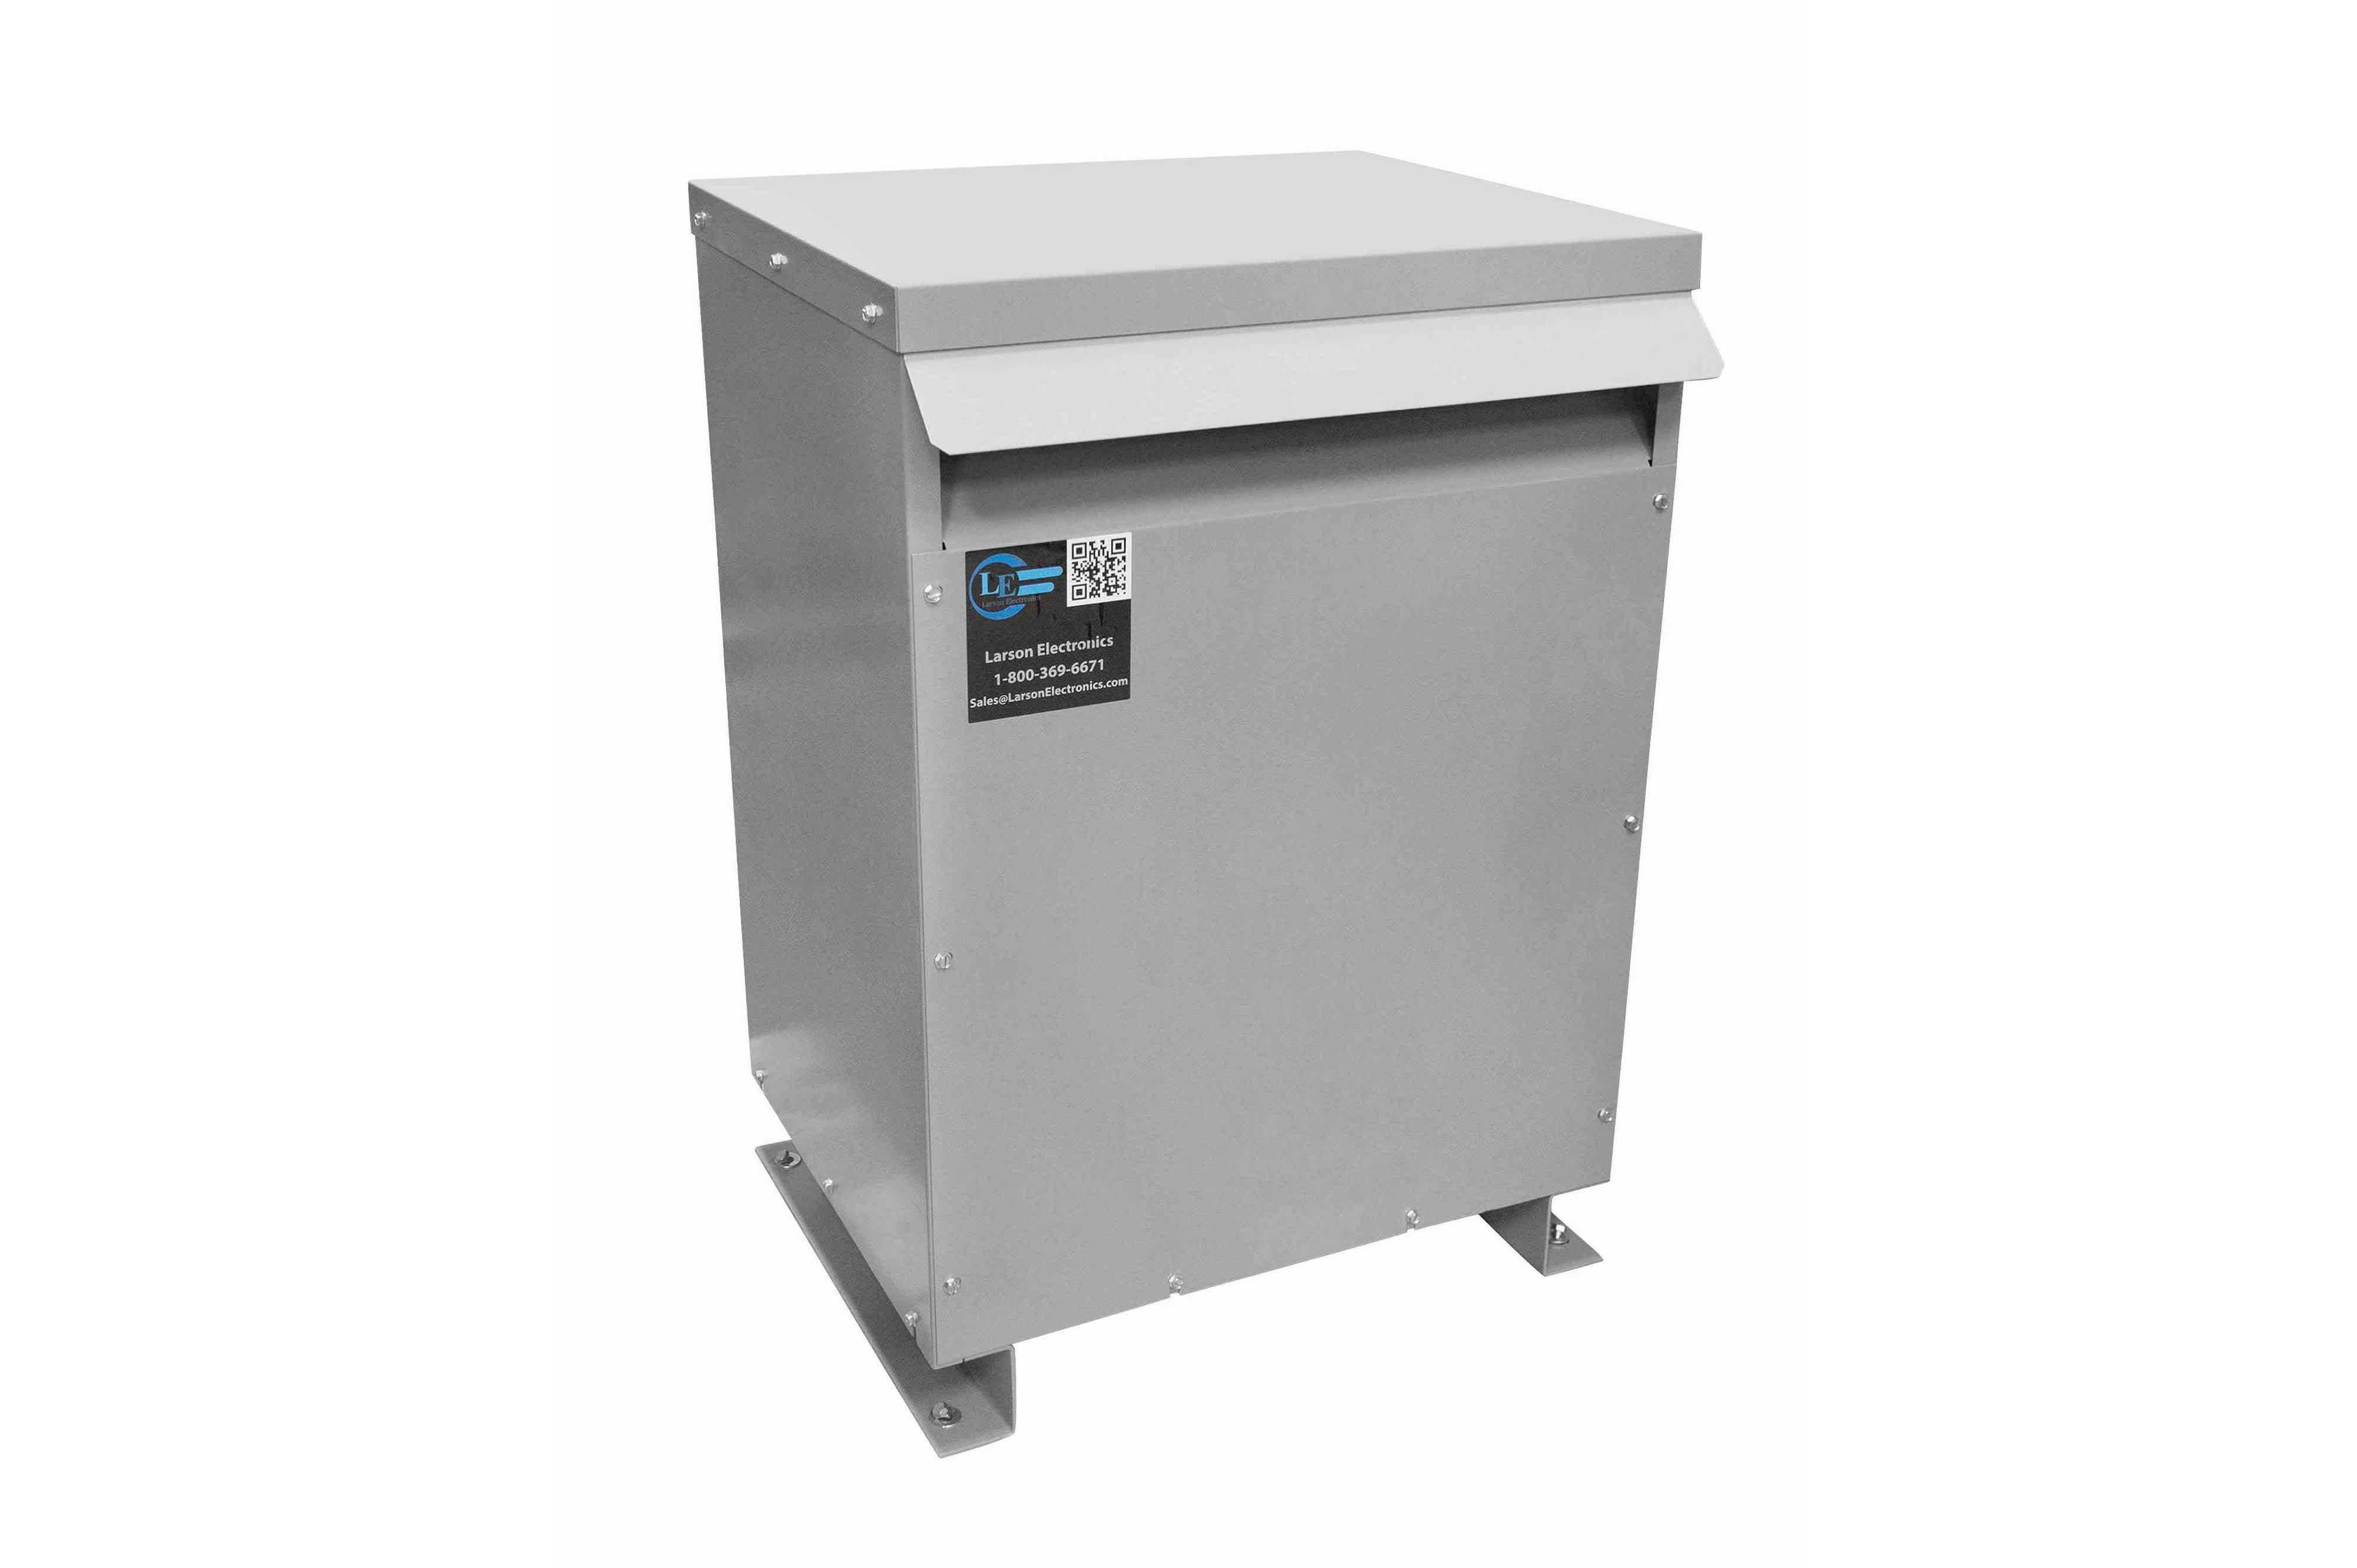 800 kVA 3PH Isolation Transformer, 400V Delta Primary, 600V Delta Secondary, N3R, Ventilated, 60 Hz